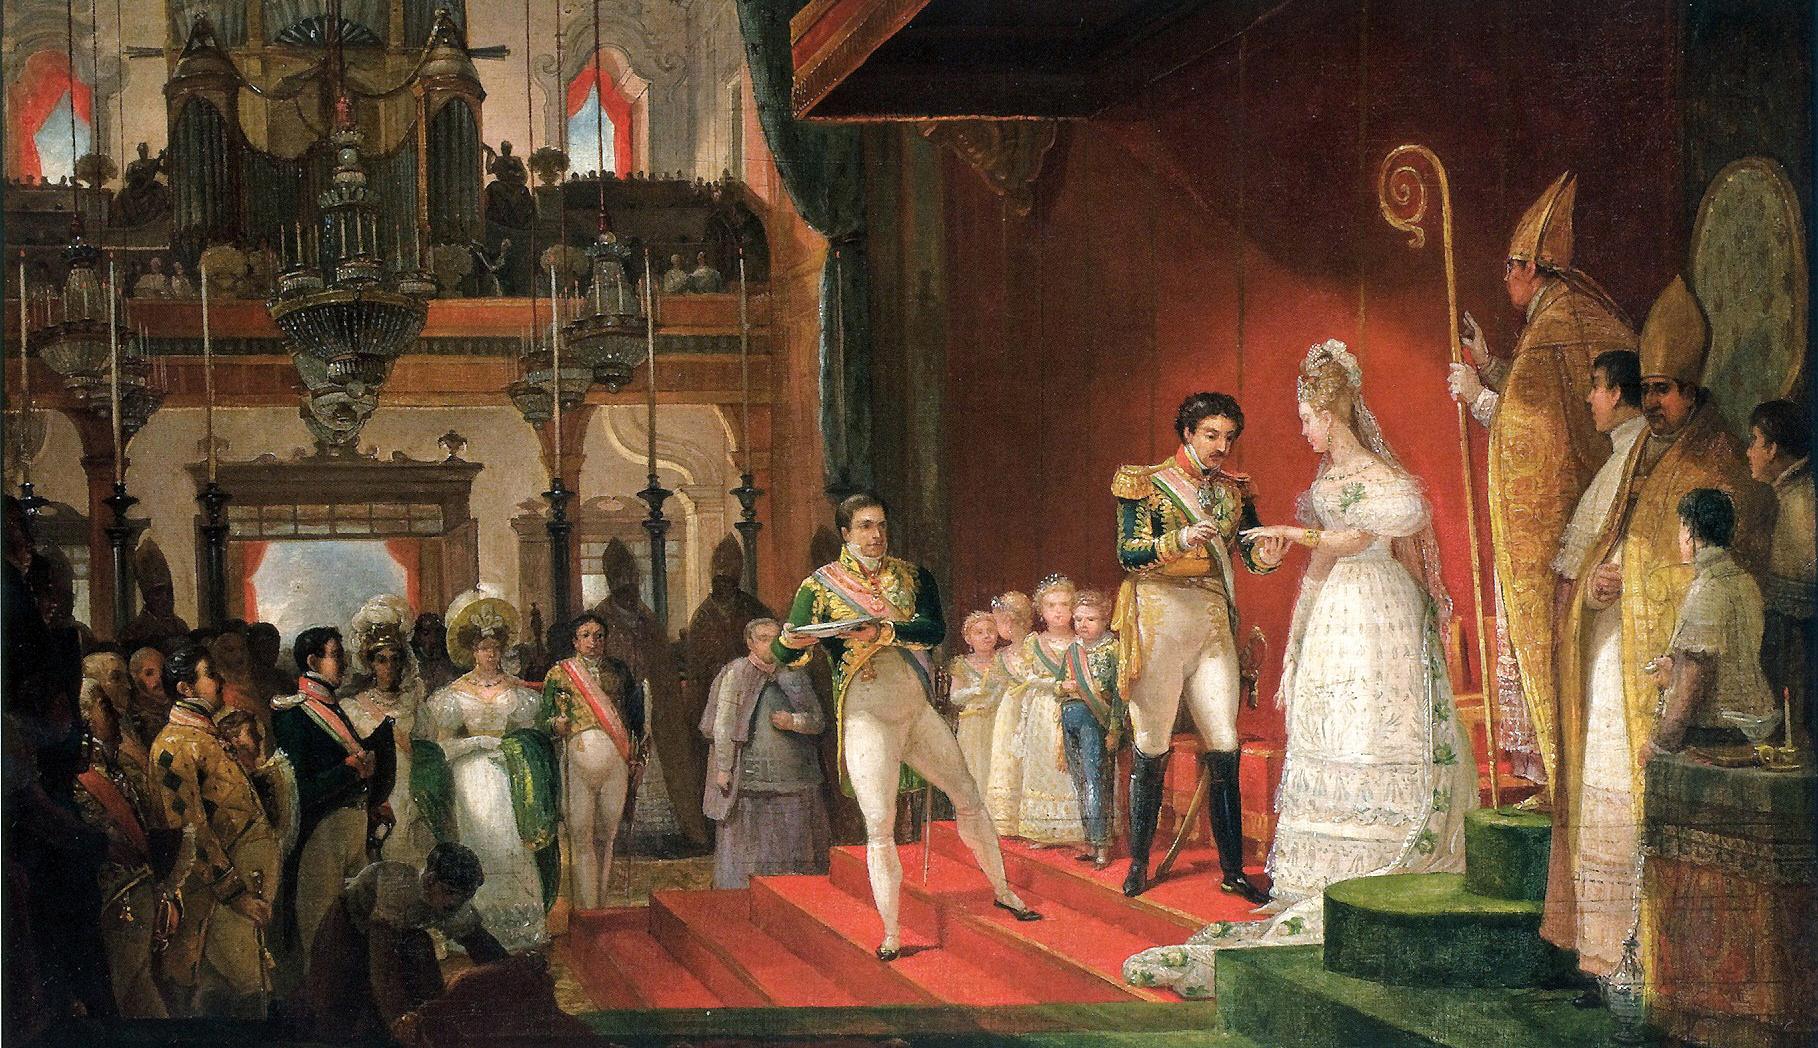 Casamento de D. Pedro I, Imperador do Brasil, com D. Amélia de Leucthenberg